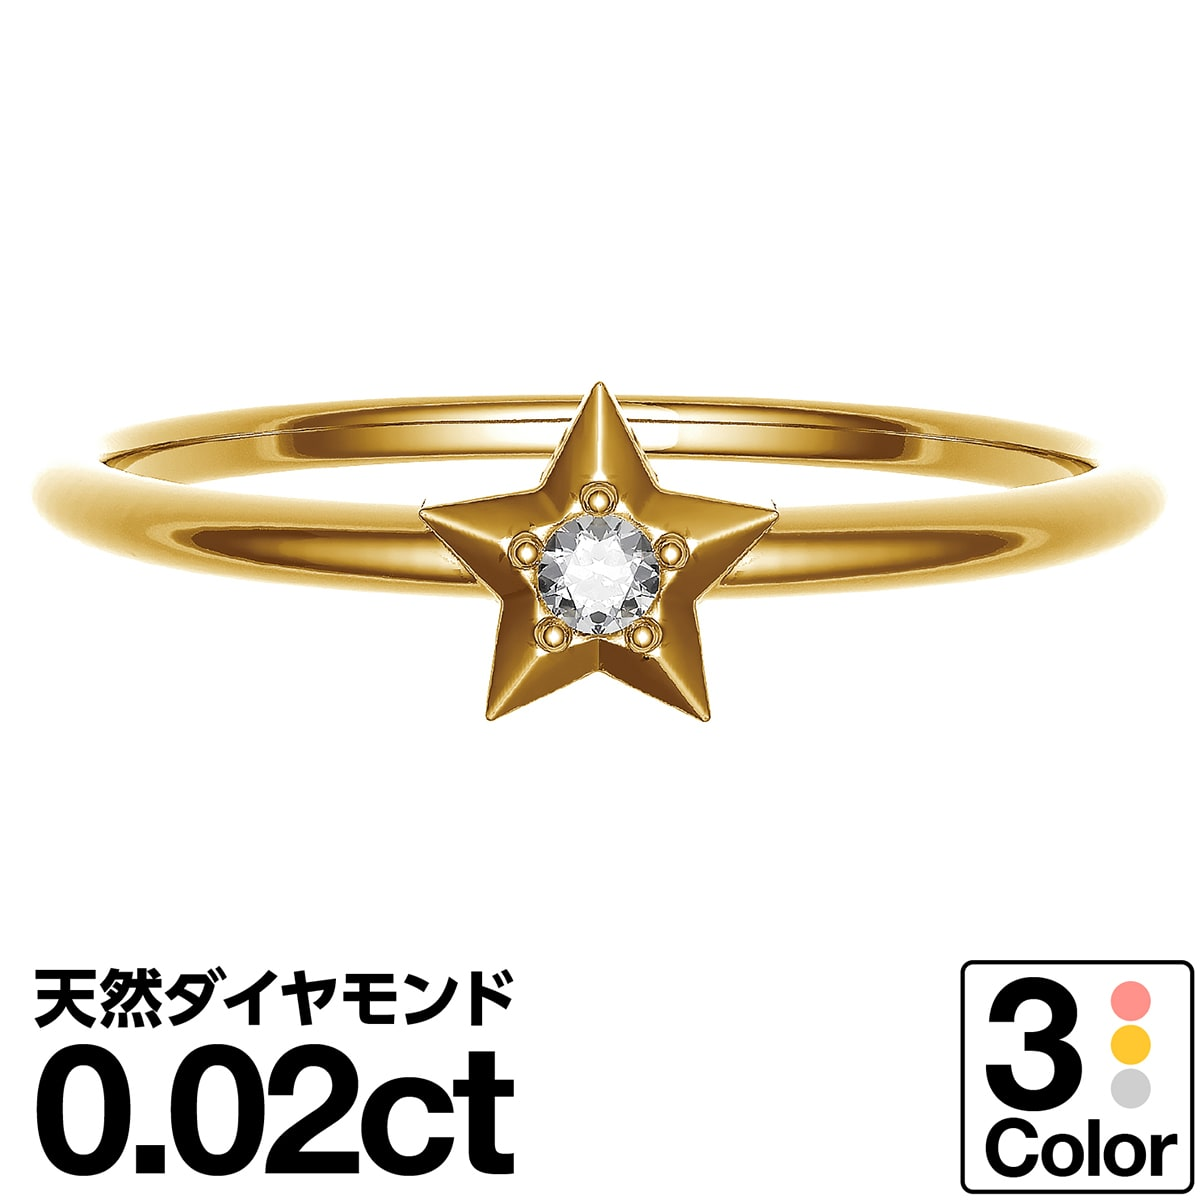 【送料無料】 一粒 ダイヤモンド リング k18 イエローゴールド/ホワイトゴールド/ピンクゴールド ファッションリング 品質保証書 金属アレルギー 日本製 誕生日 ギフト